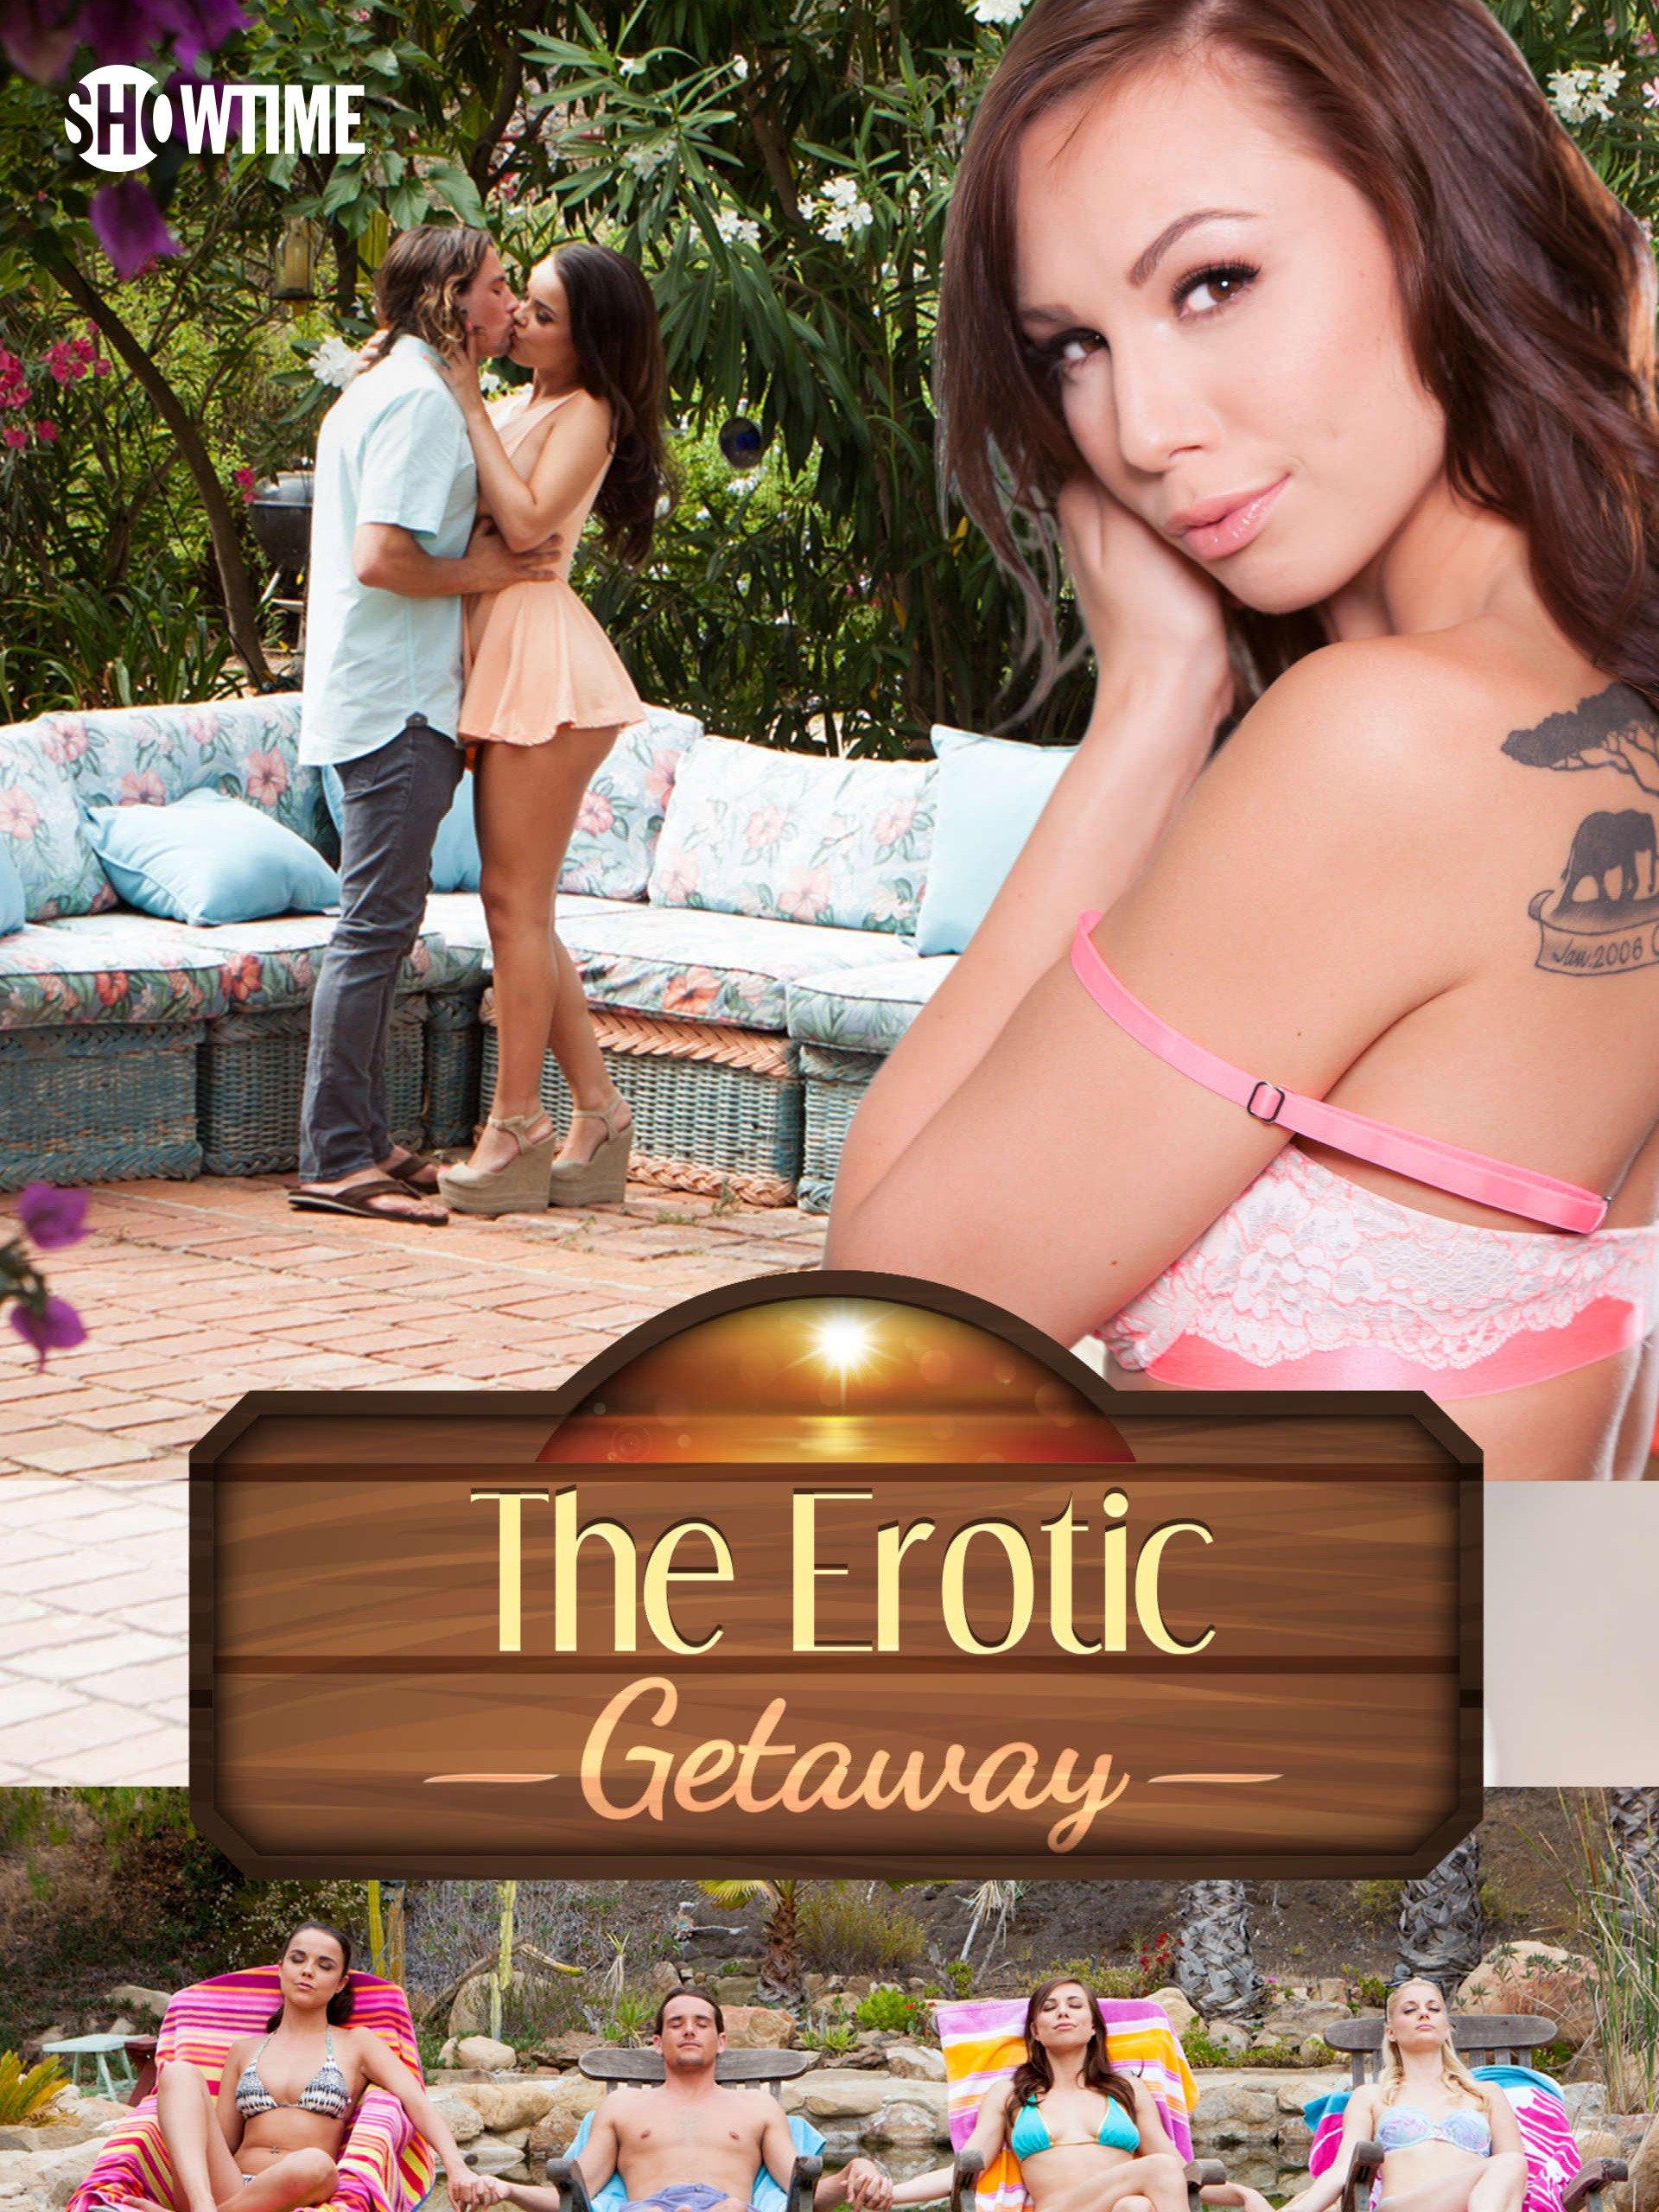 Erotic Getaway Movie